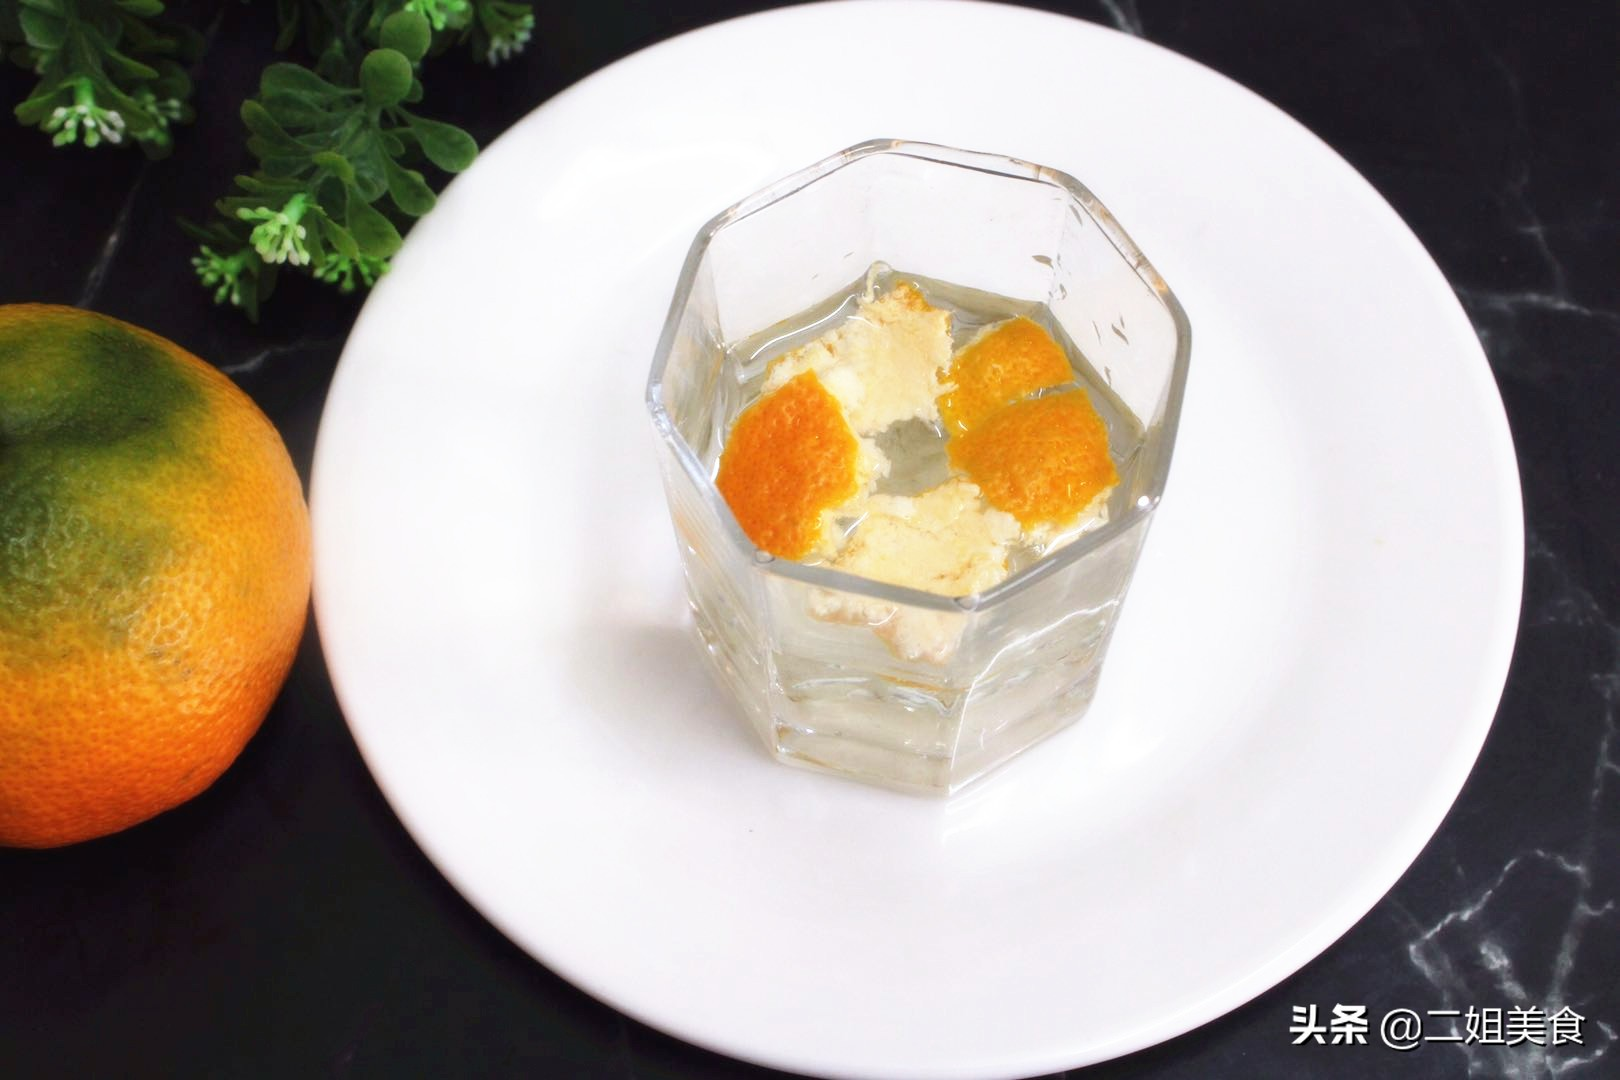 橘子皮是好寶貝,別再扔掉了,教您橘子皮的4個用法,簡單實用